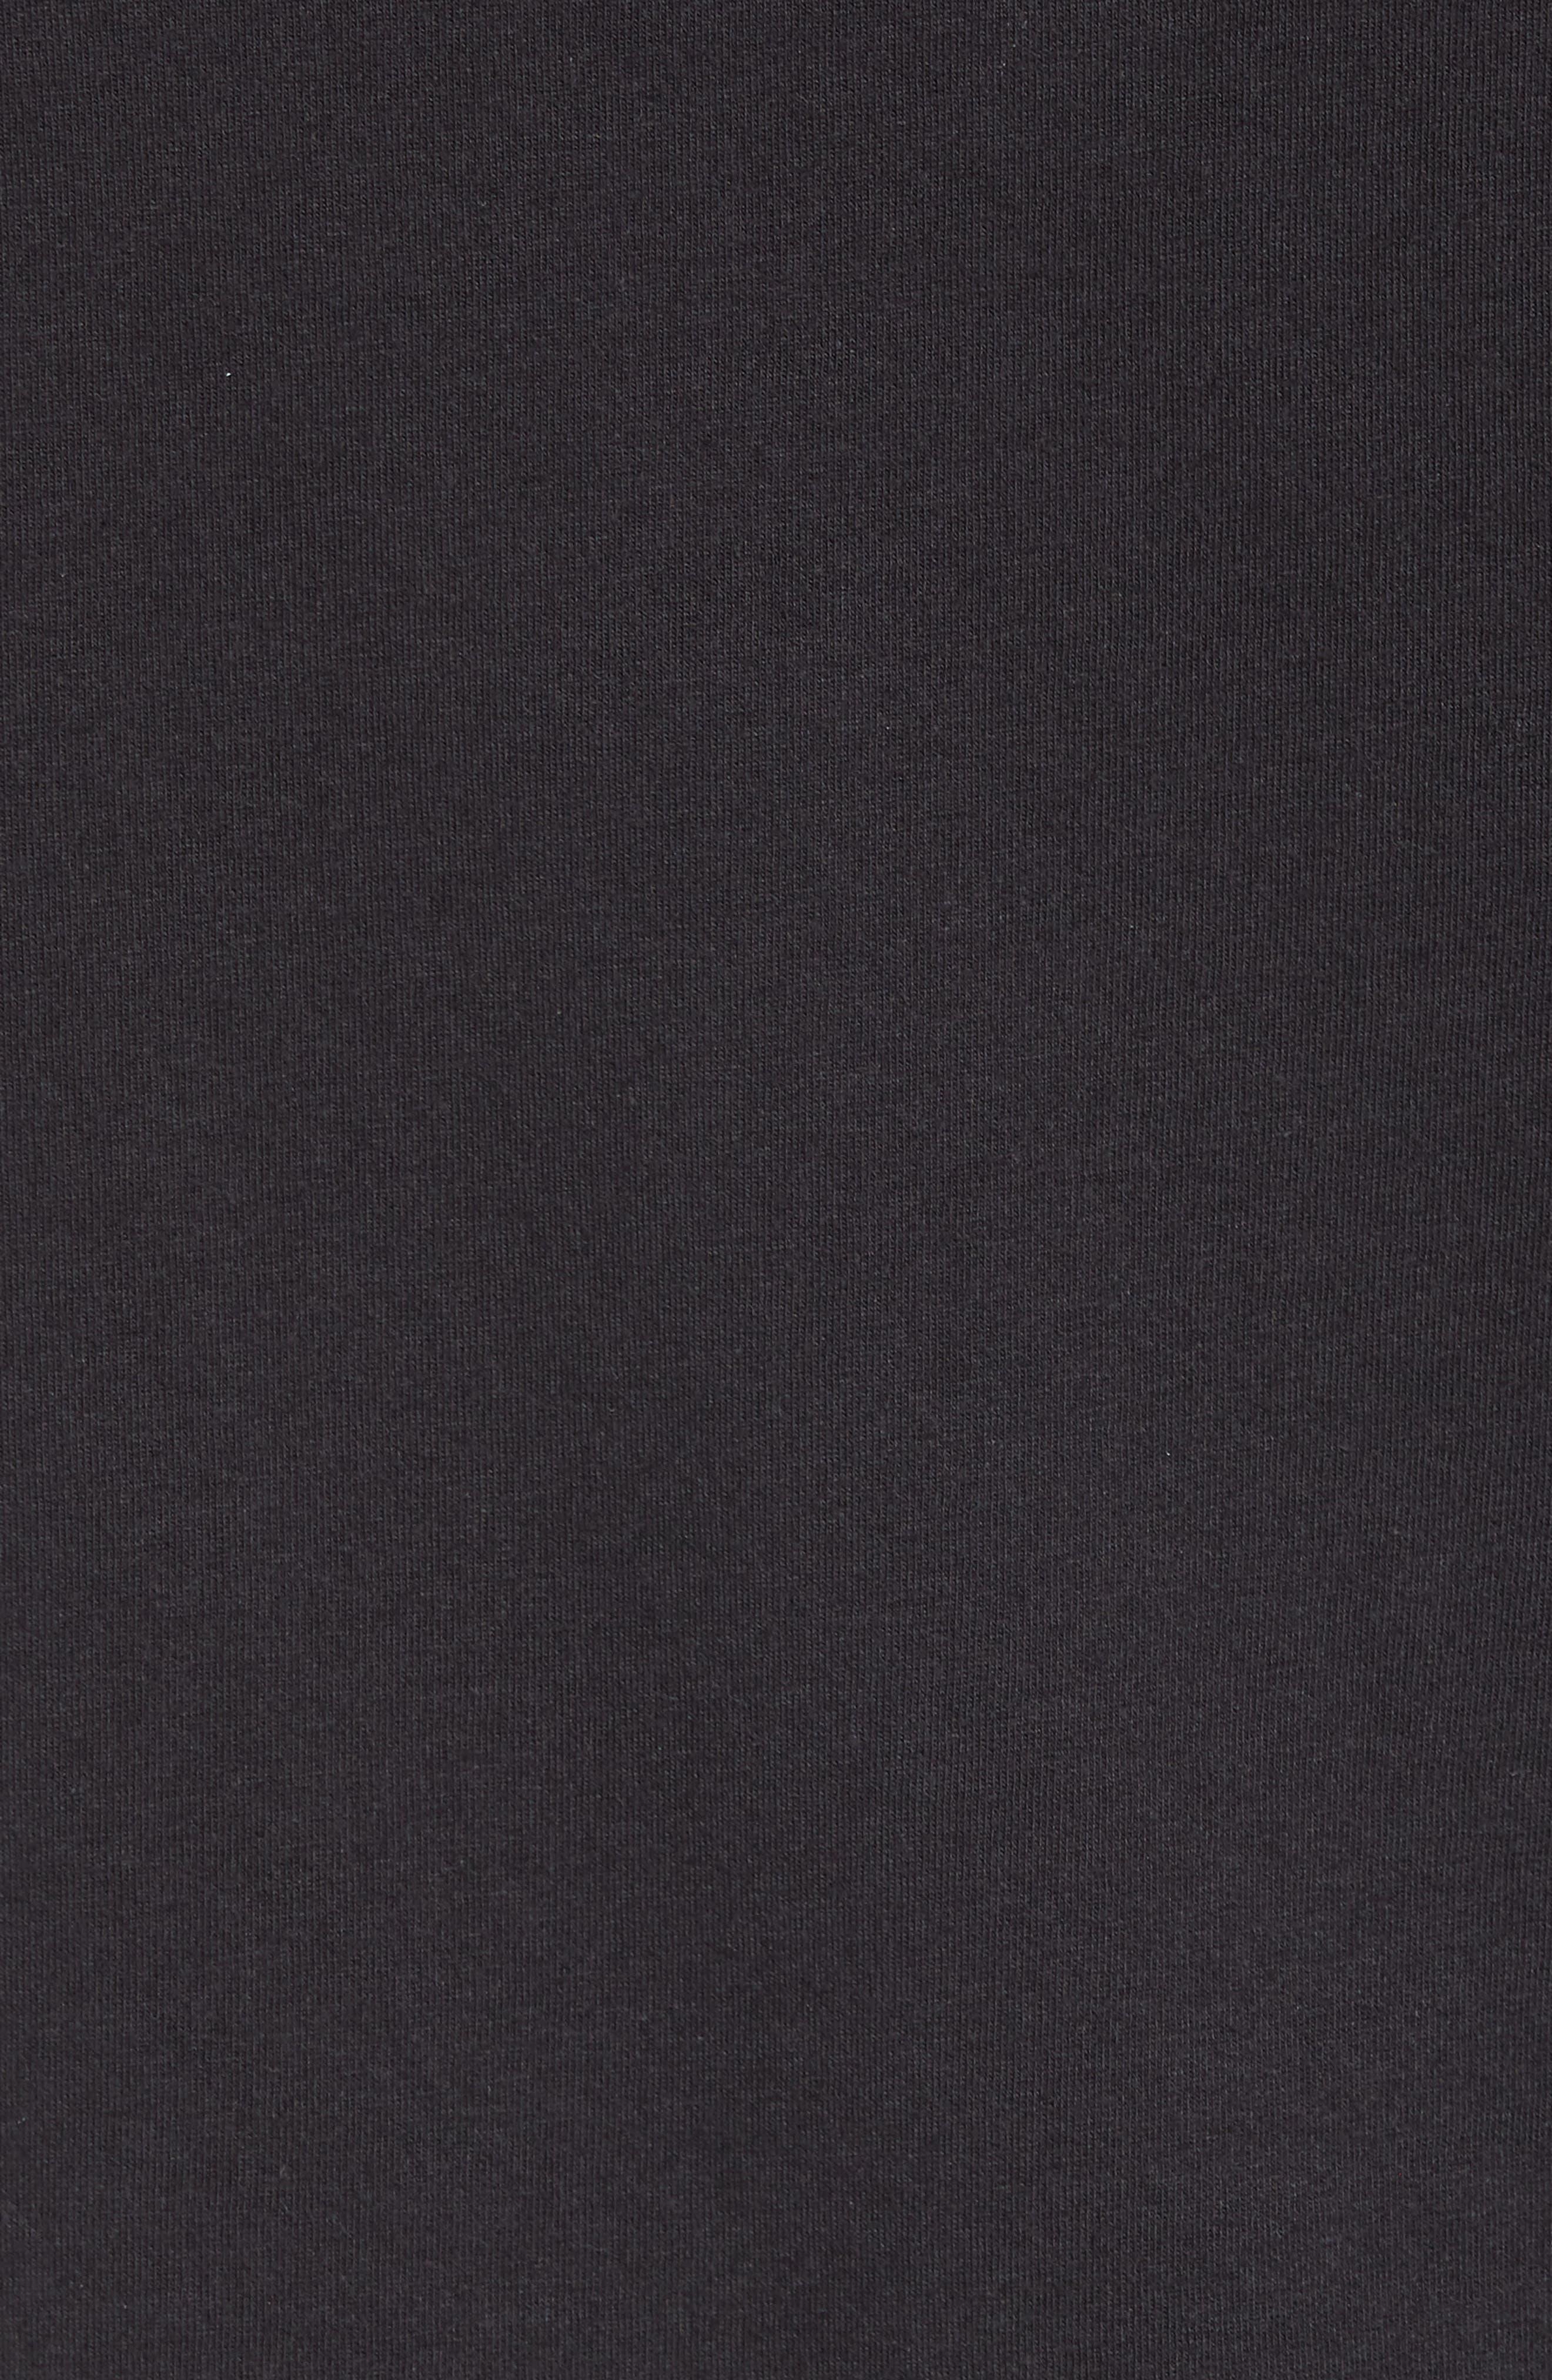 Cotton Blend Hoodie,                             Alternate thumbnail 5, color,                             Black